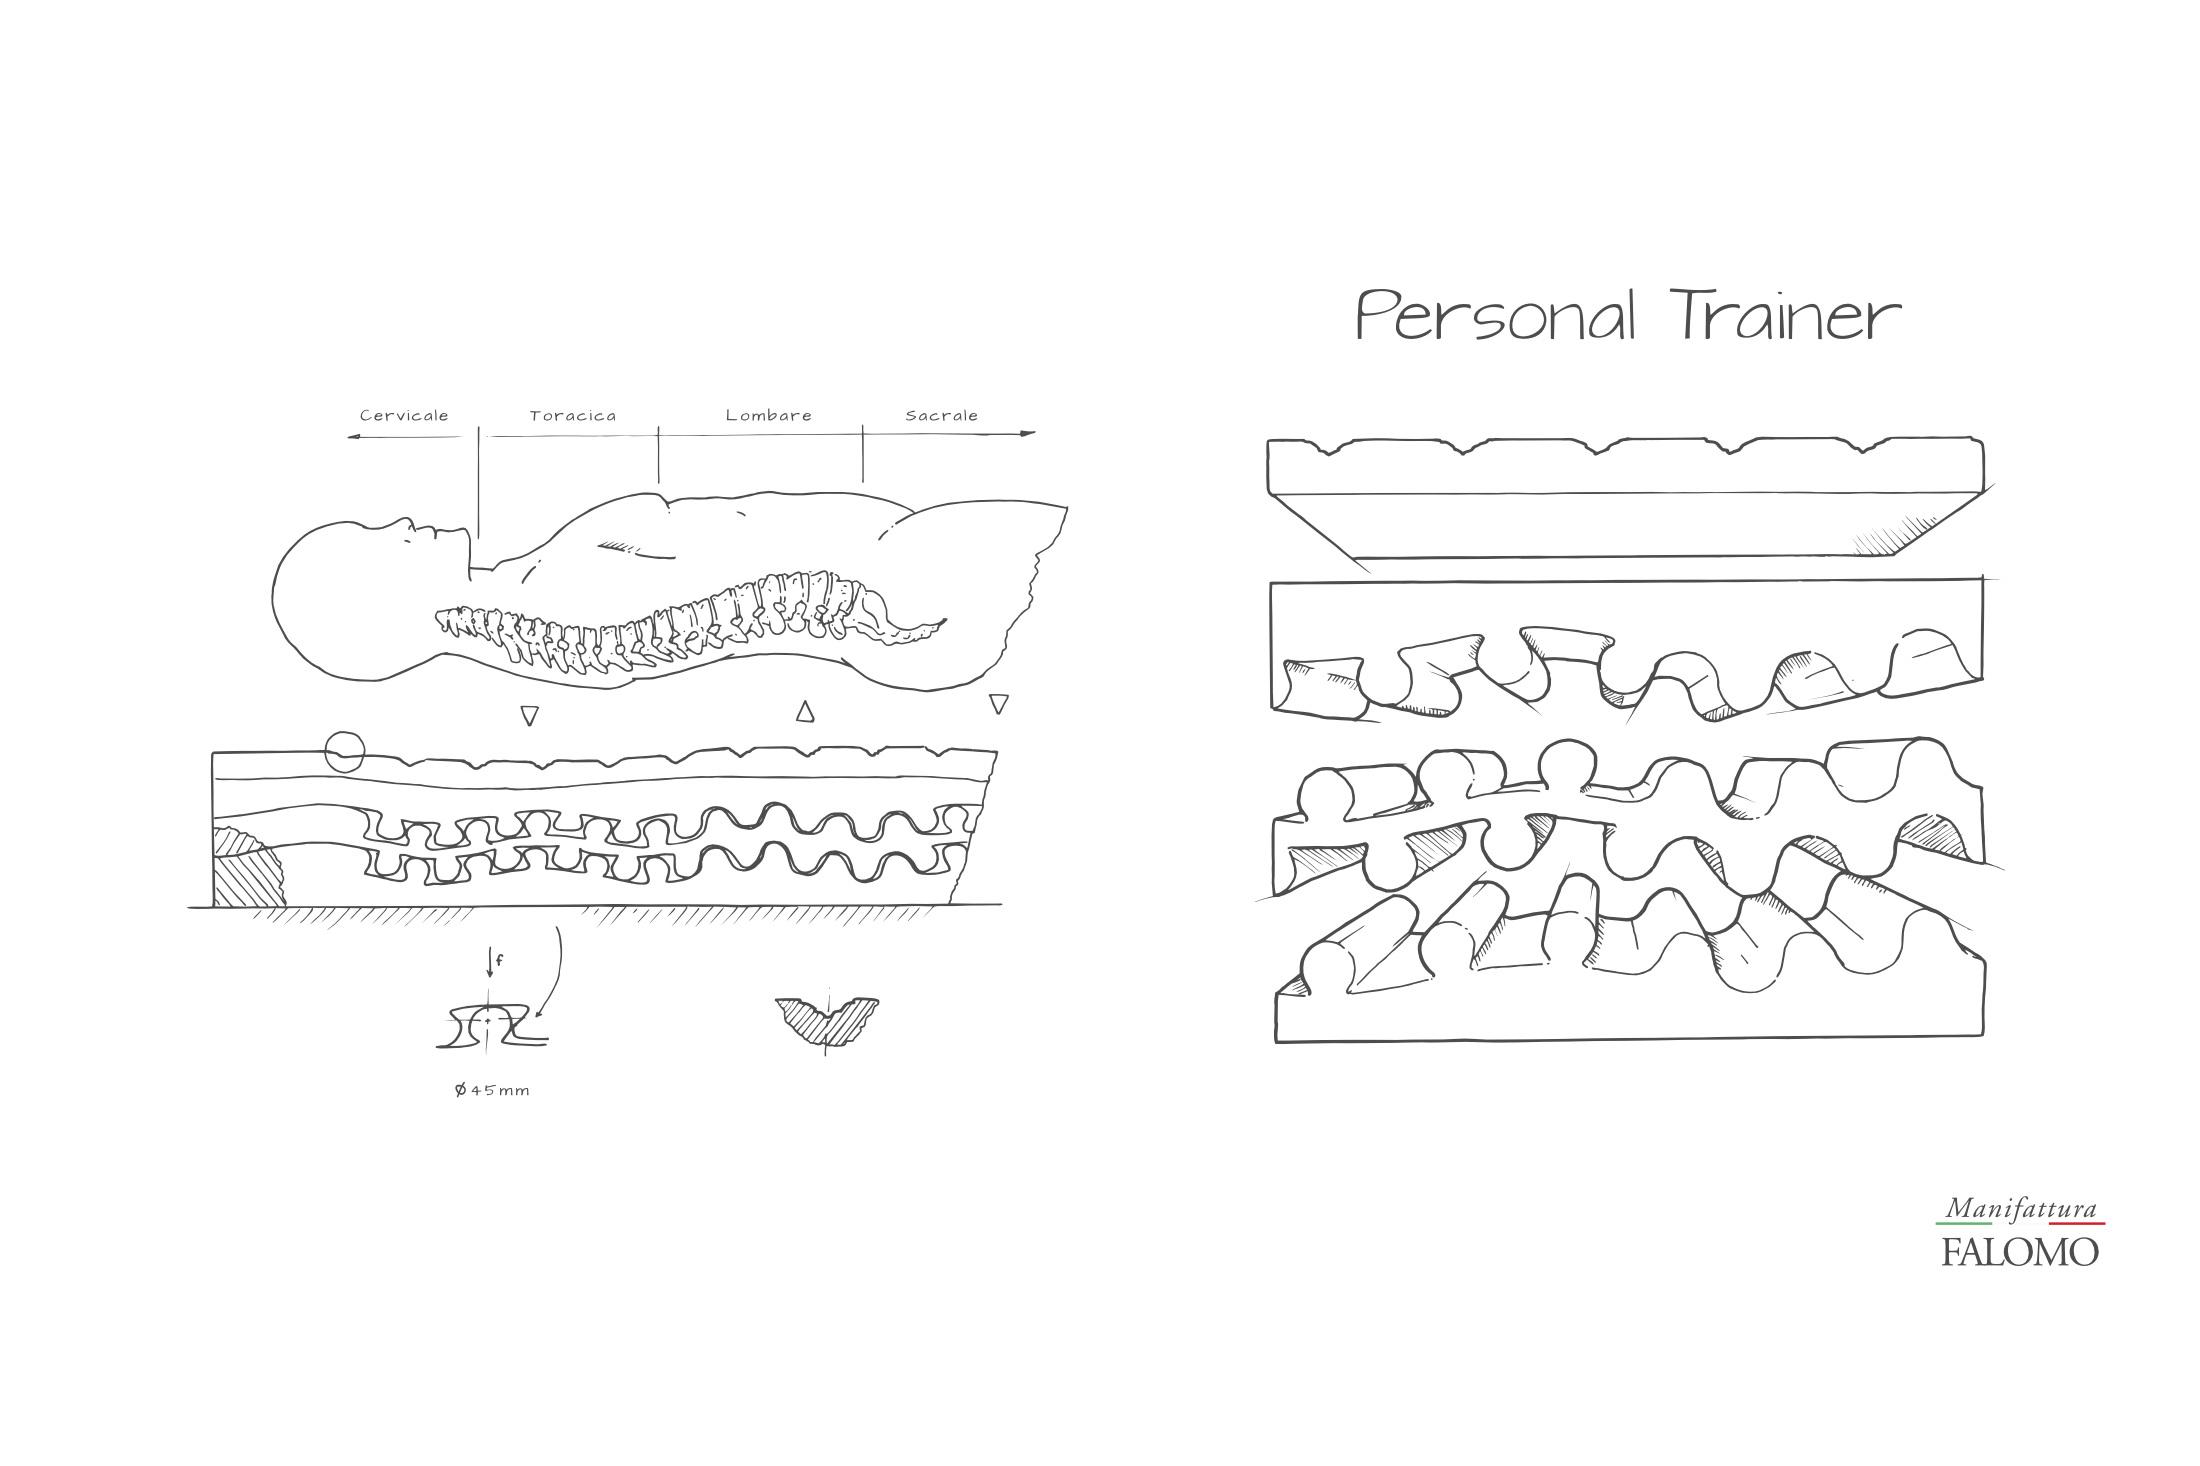 Materasso Body Trainer Manifattura Progetto